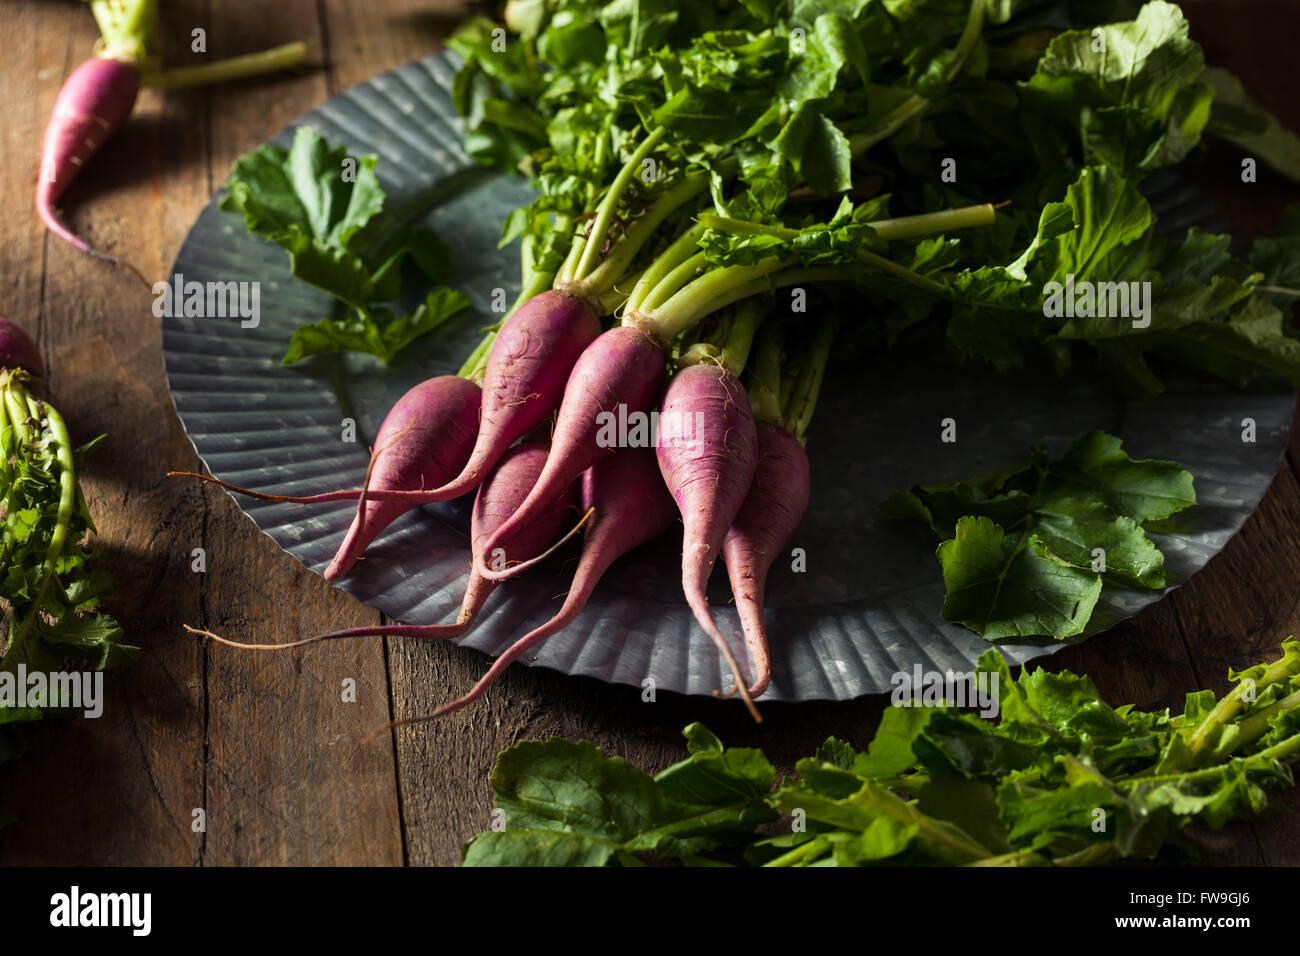 Materias orgánicas rábanos púrpura listos para comer Imagen De Stock